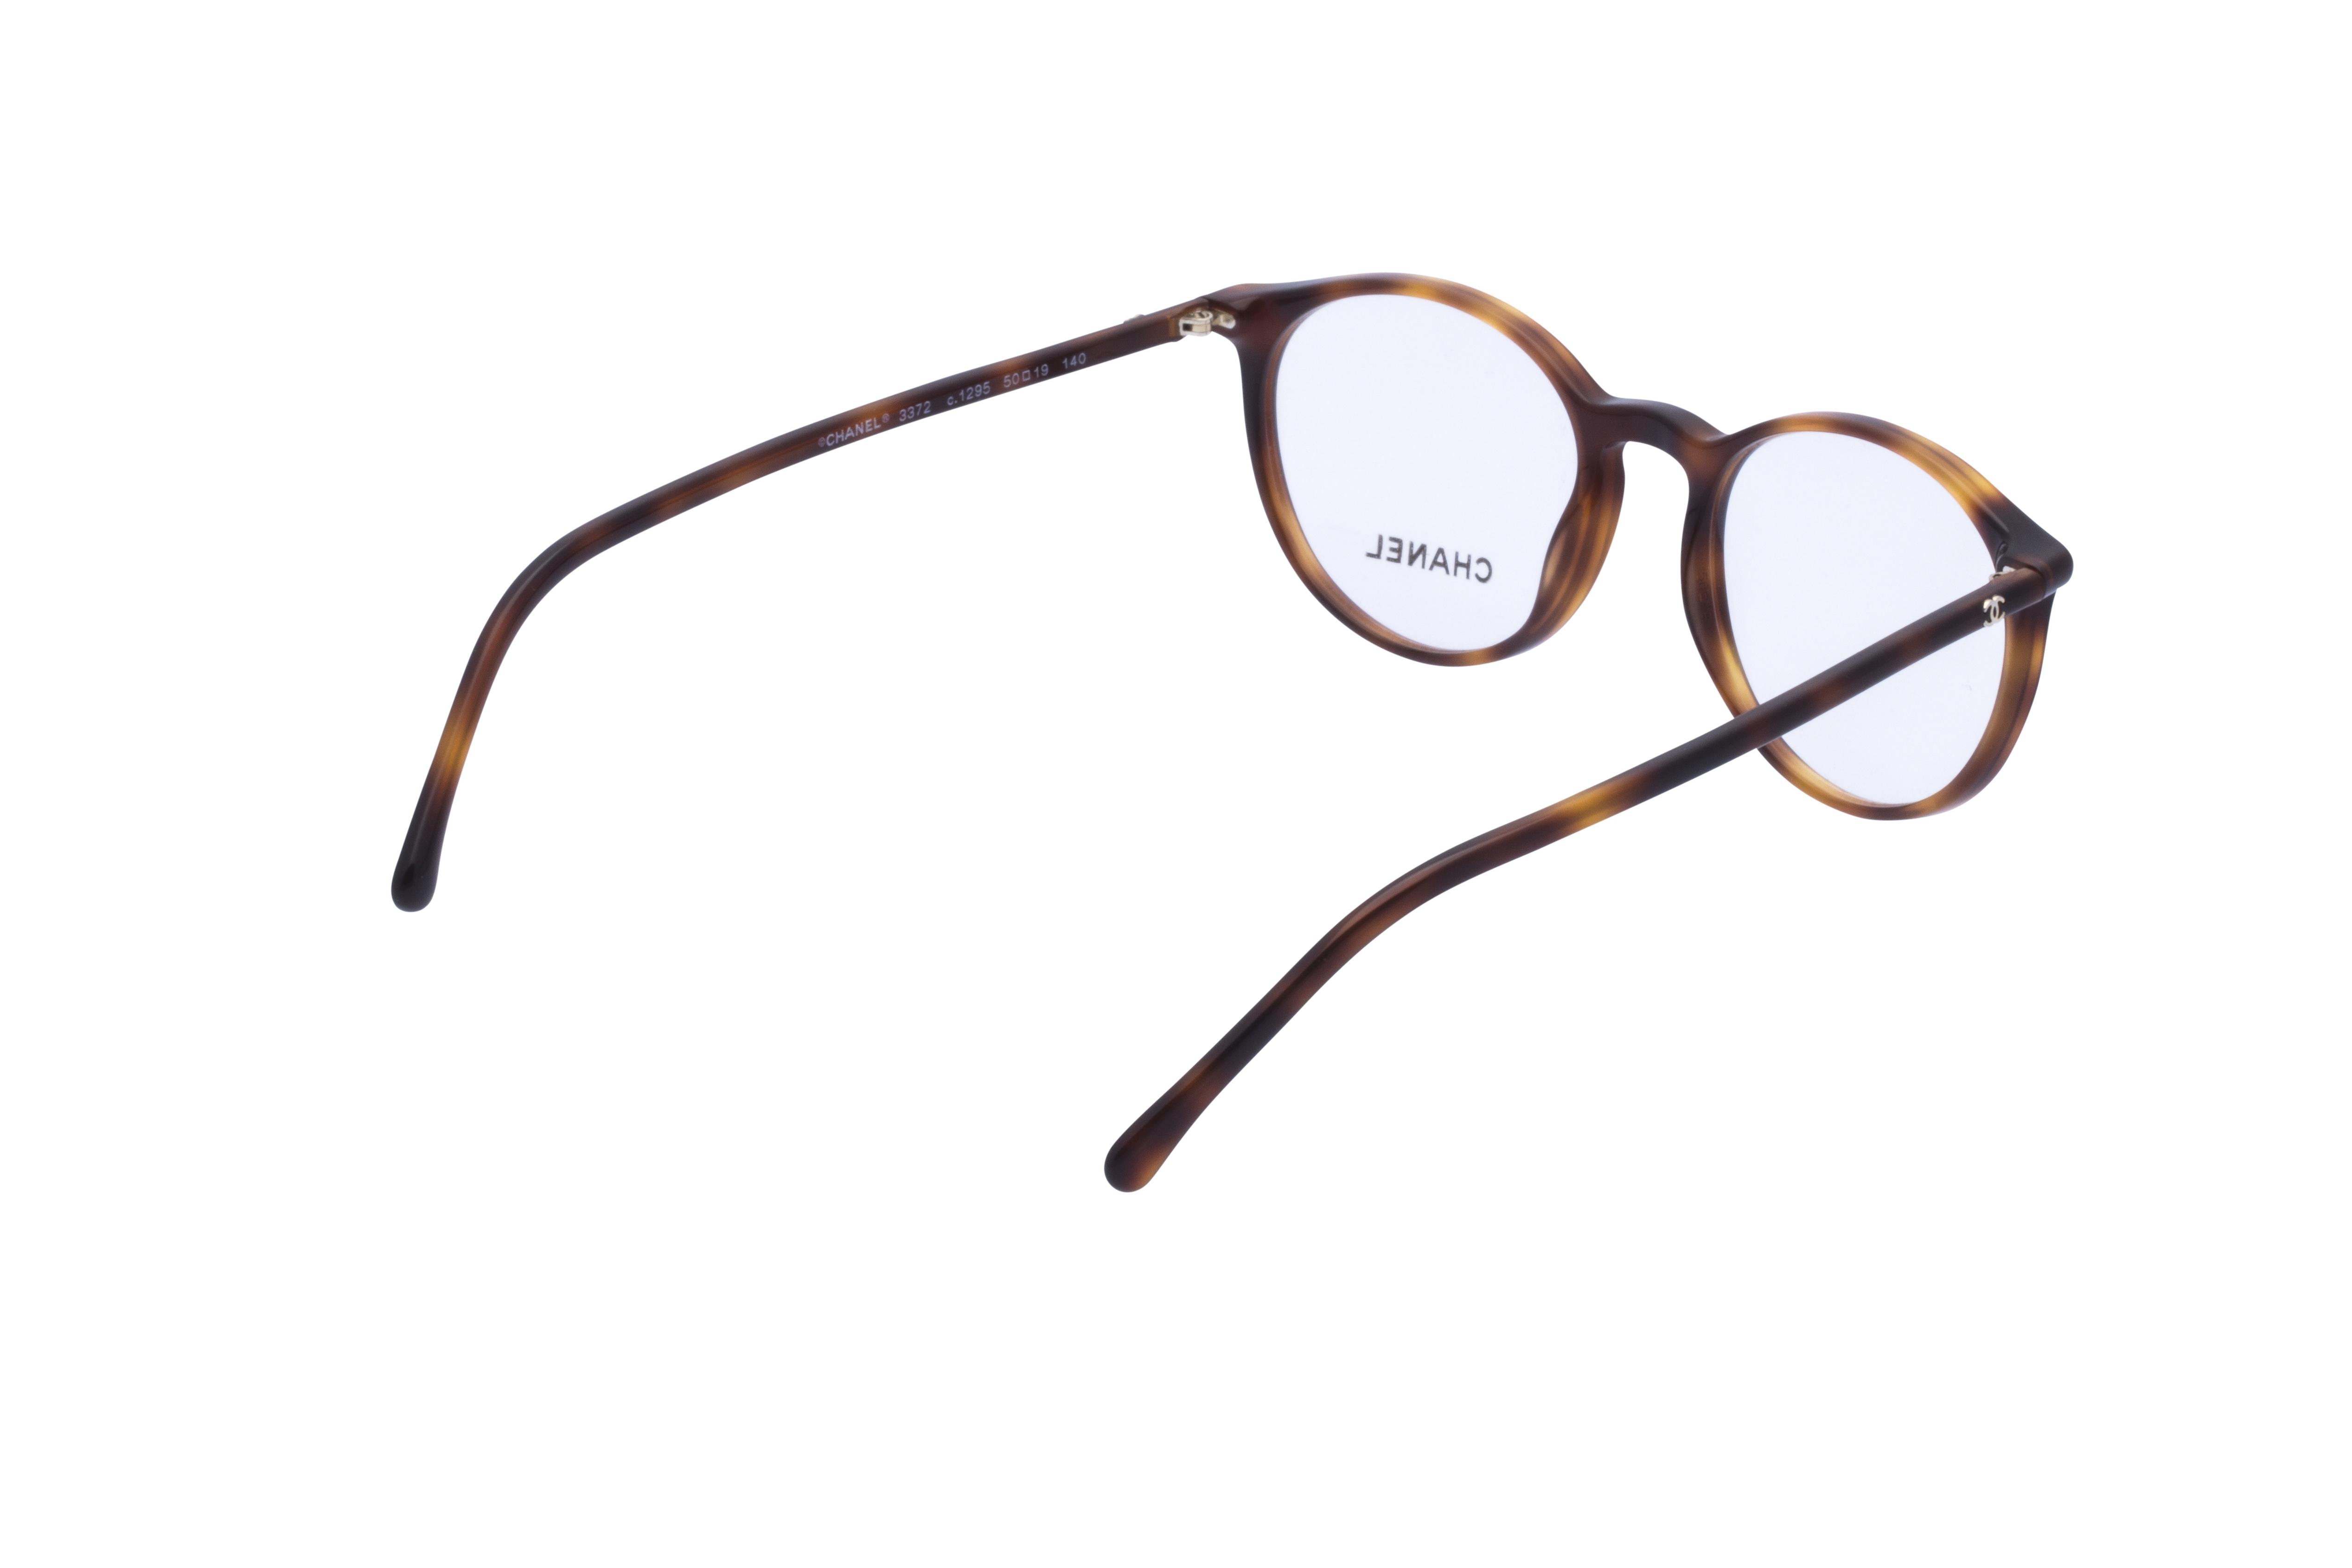 360 Grad Ansicht 9 Chanel 3372 Frontansicht, Brille auf Weiß - Fassung bei KUNK